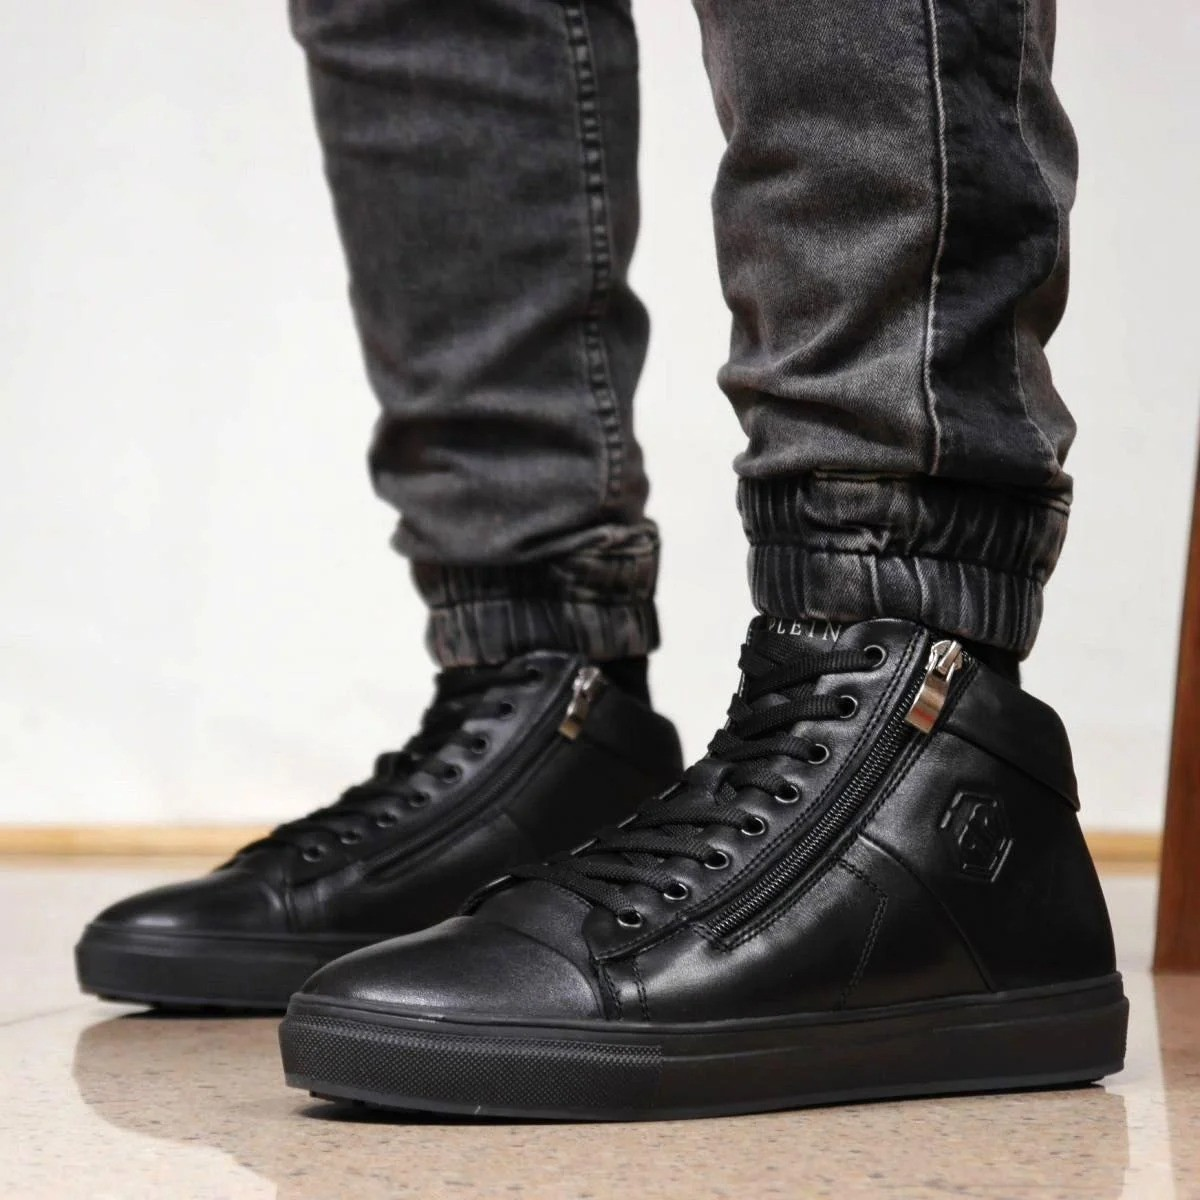 Зимние кожаные ботинки кроссовки на меху Philipp Plein Zipper Leather